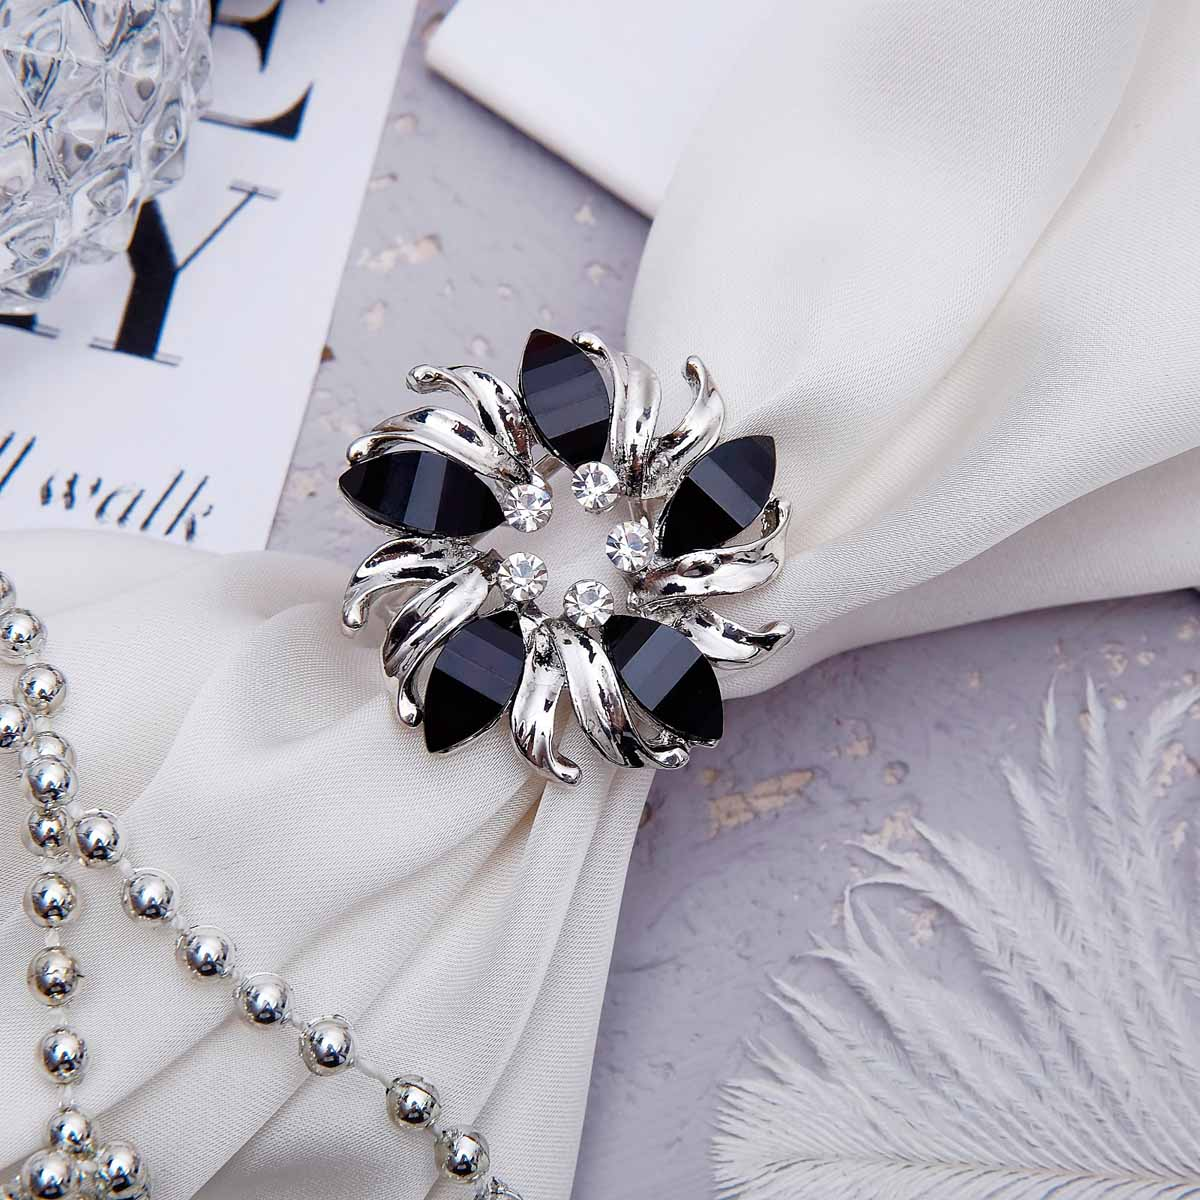 1353789 Кольцо для платка 'Цветок' мак, цвет черный в серебре